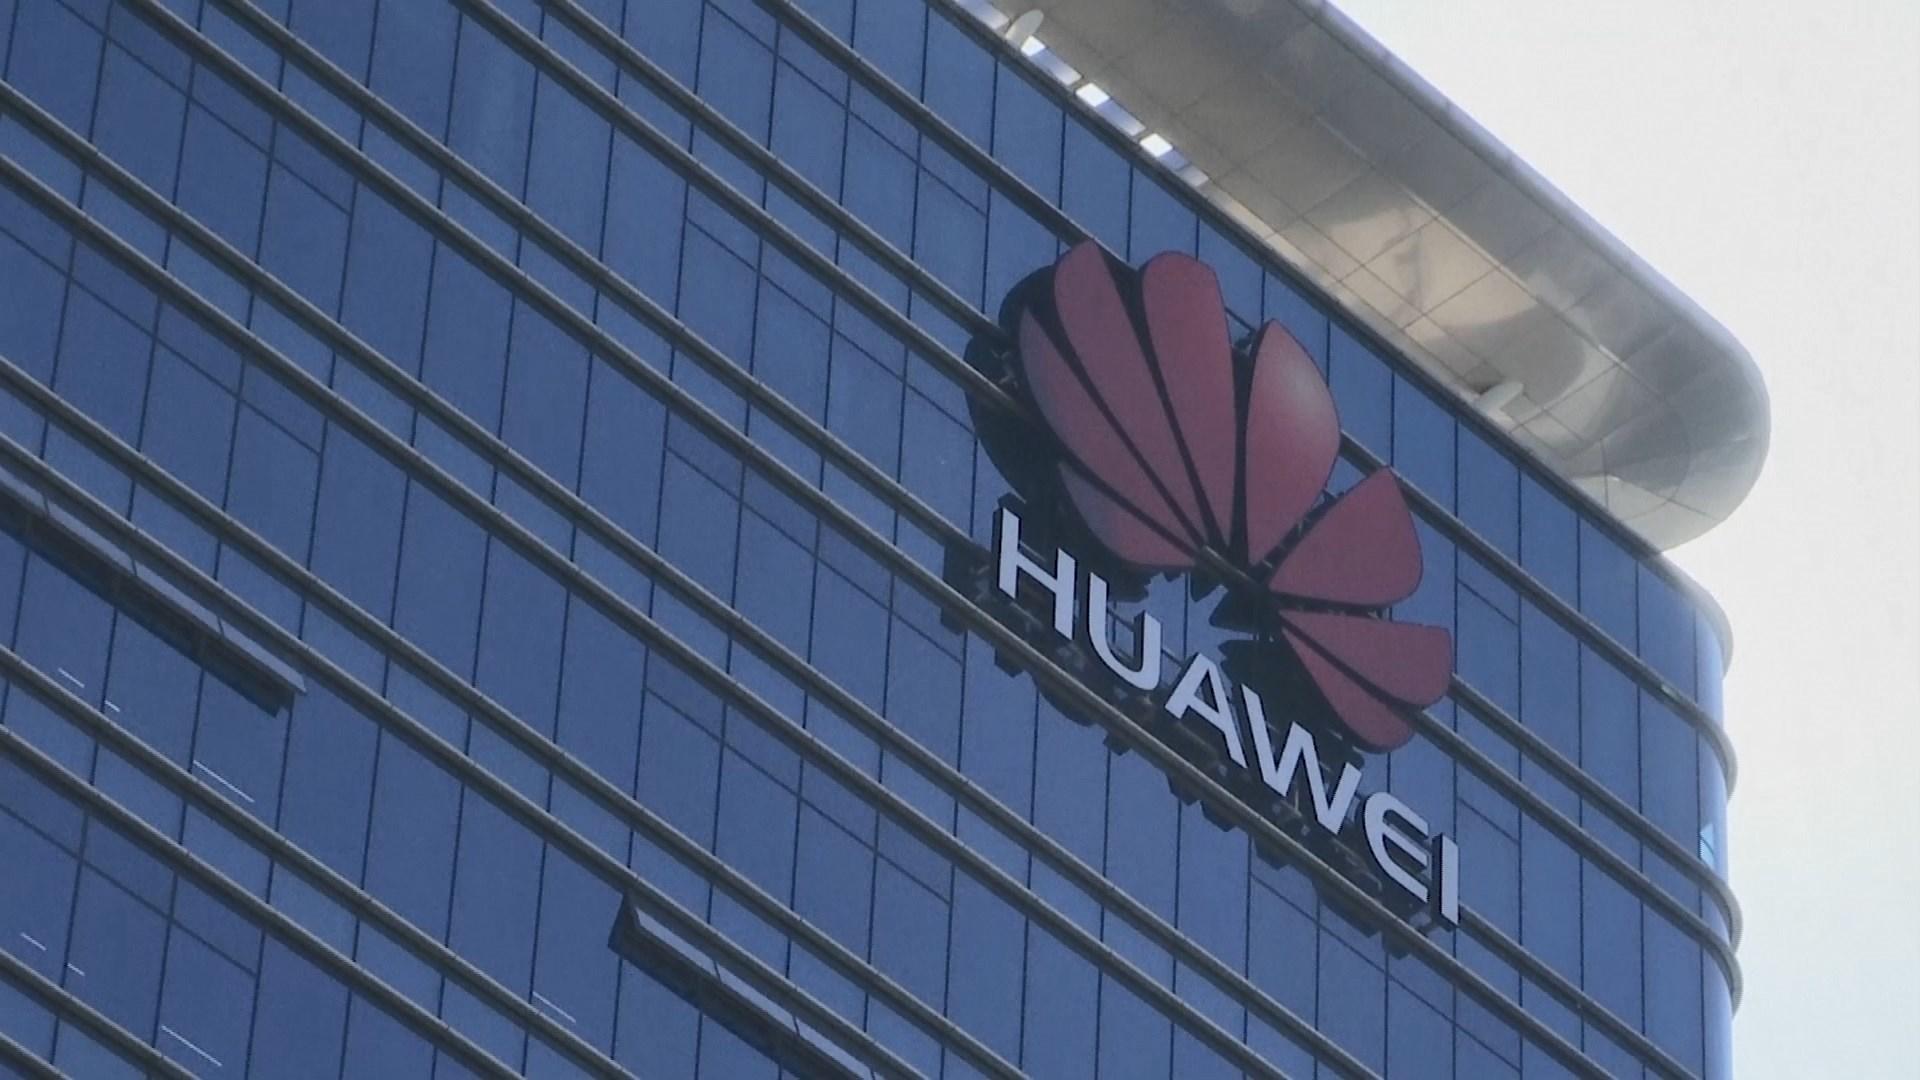 報道指德國考慮容許華為競投5G建設